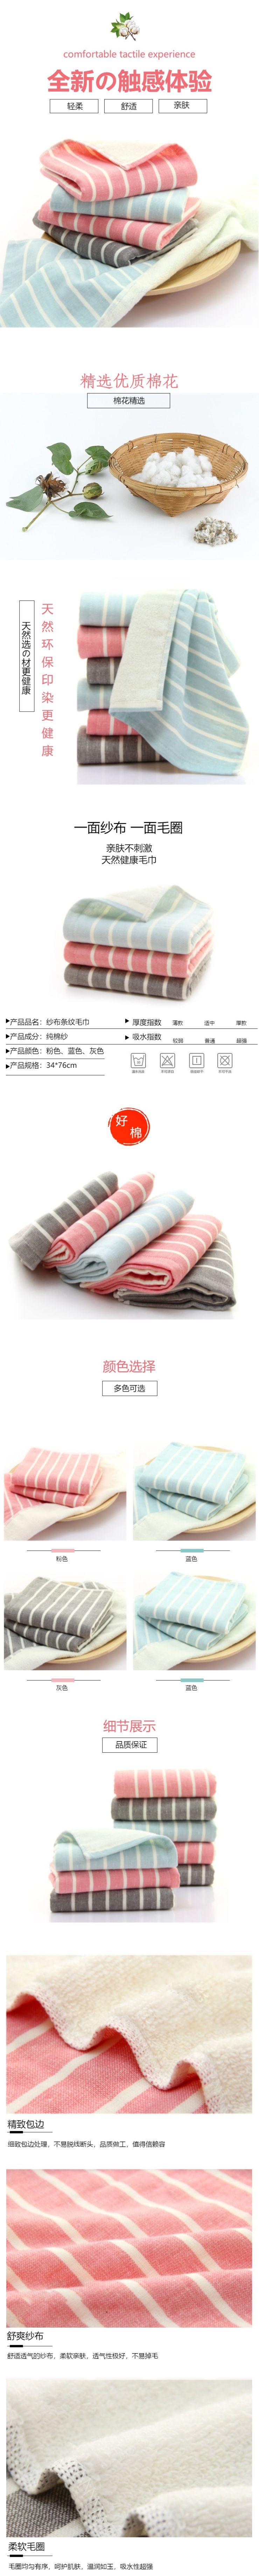 清新舒适毛巾电商详情页